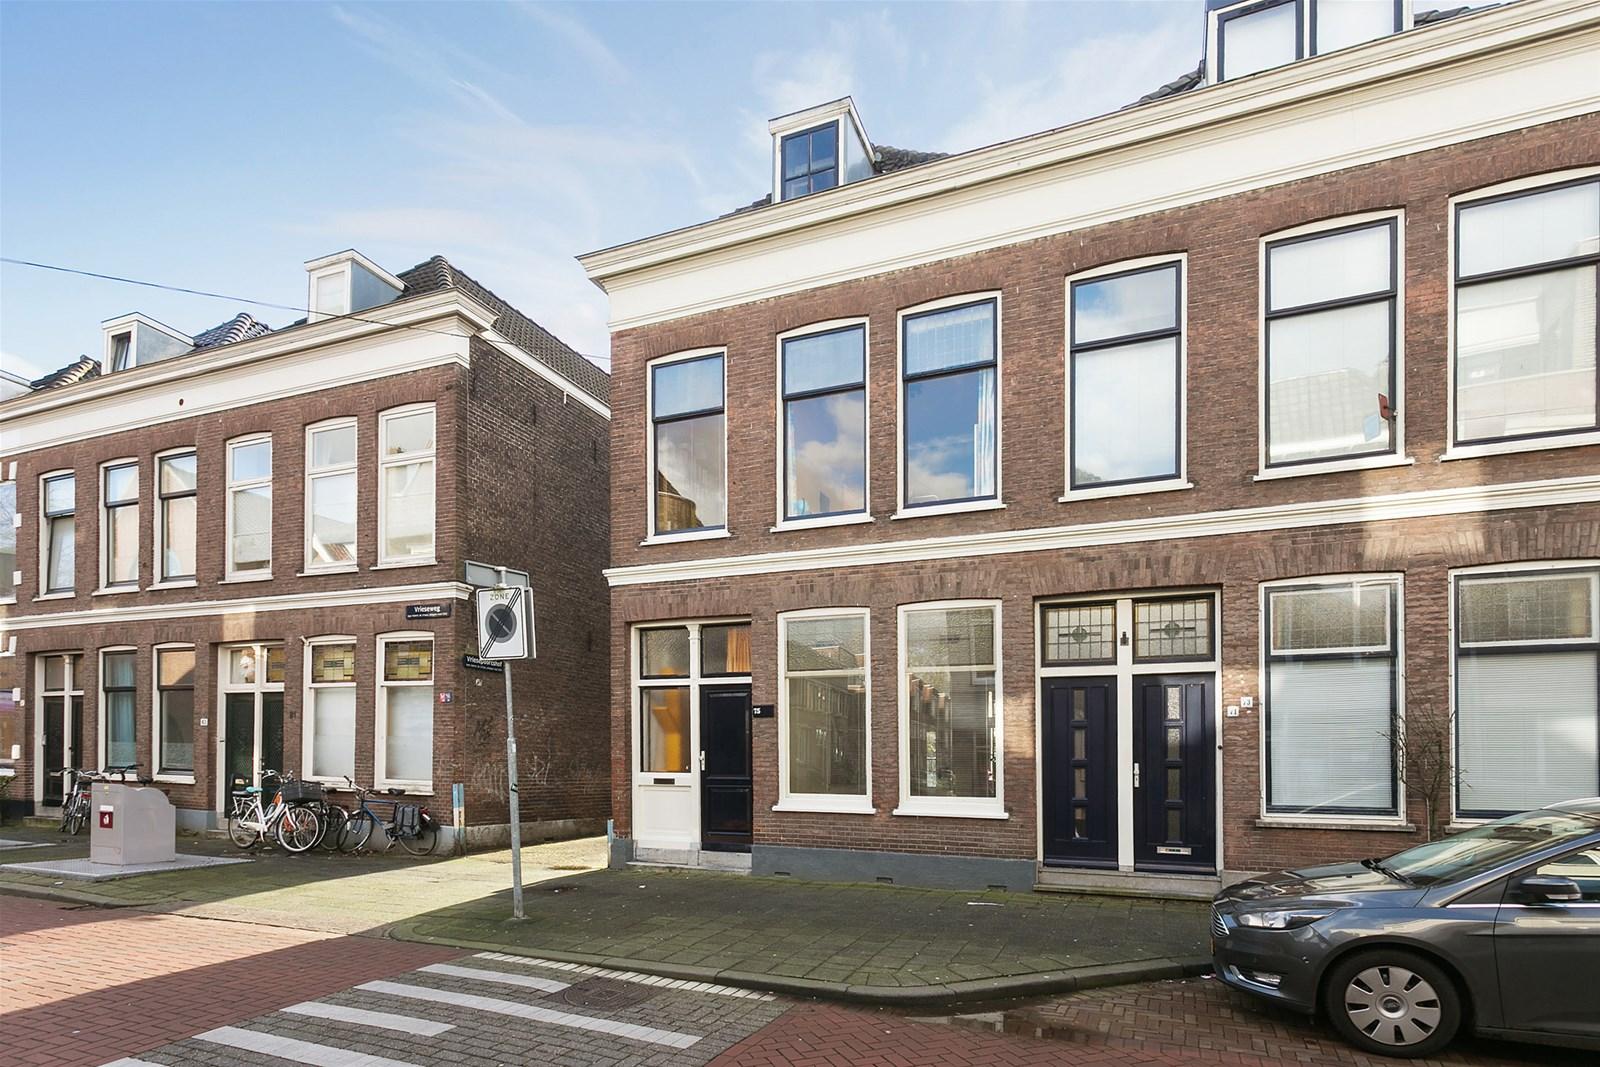 Nieuwe Badkamer Dordrecht : Vrieseweg 75 dordrecht 2m makelaars dordrecht